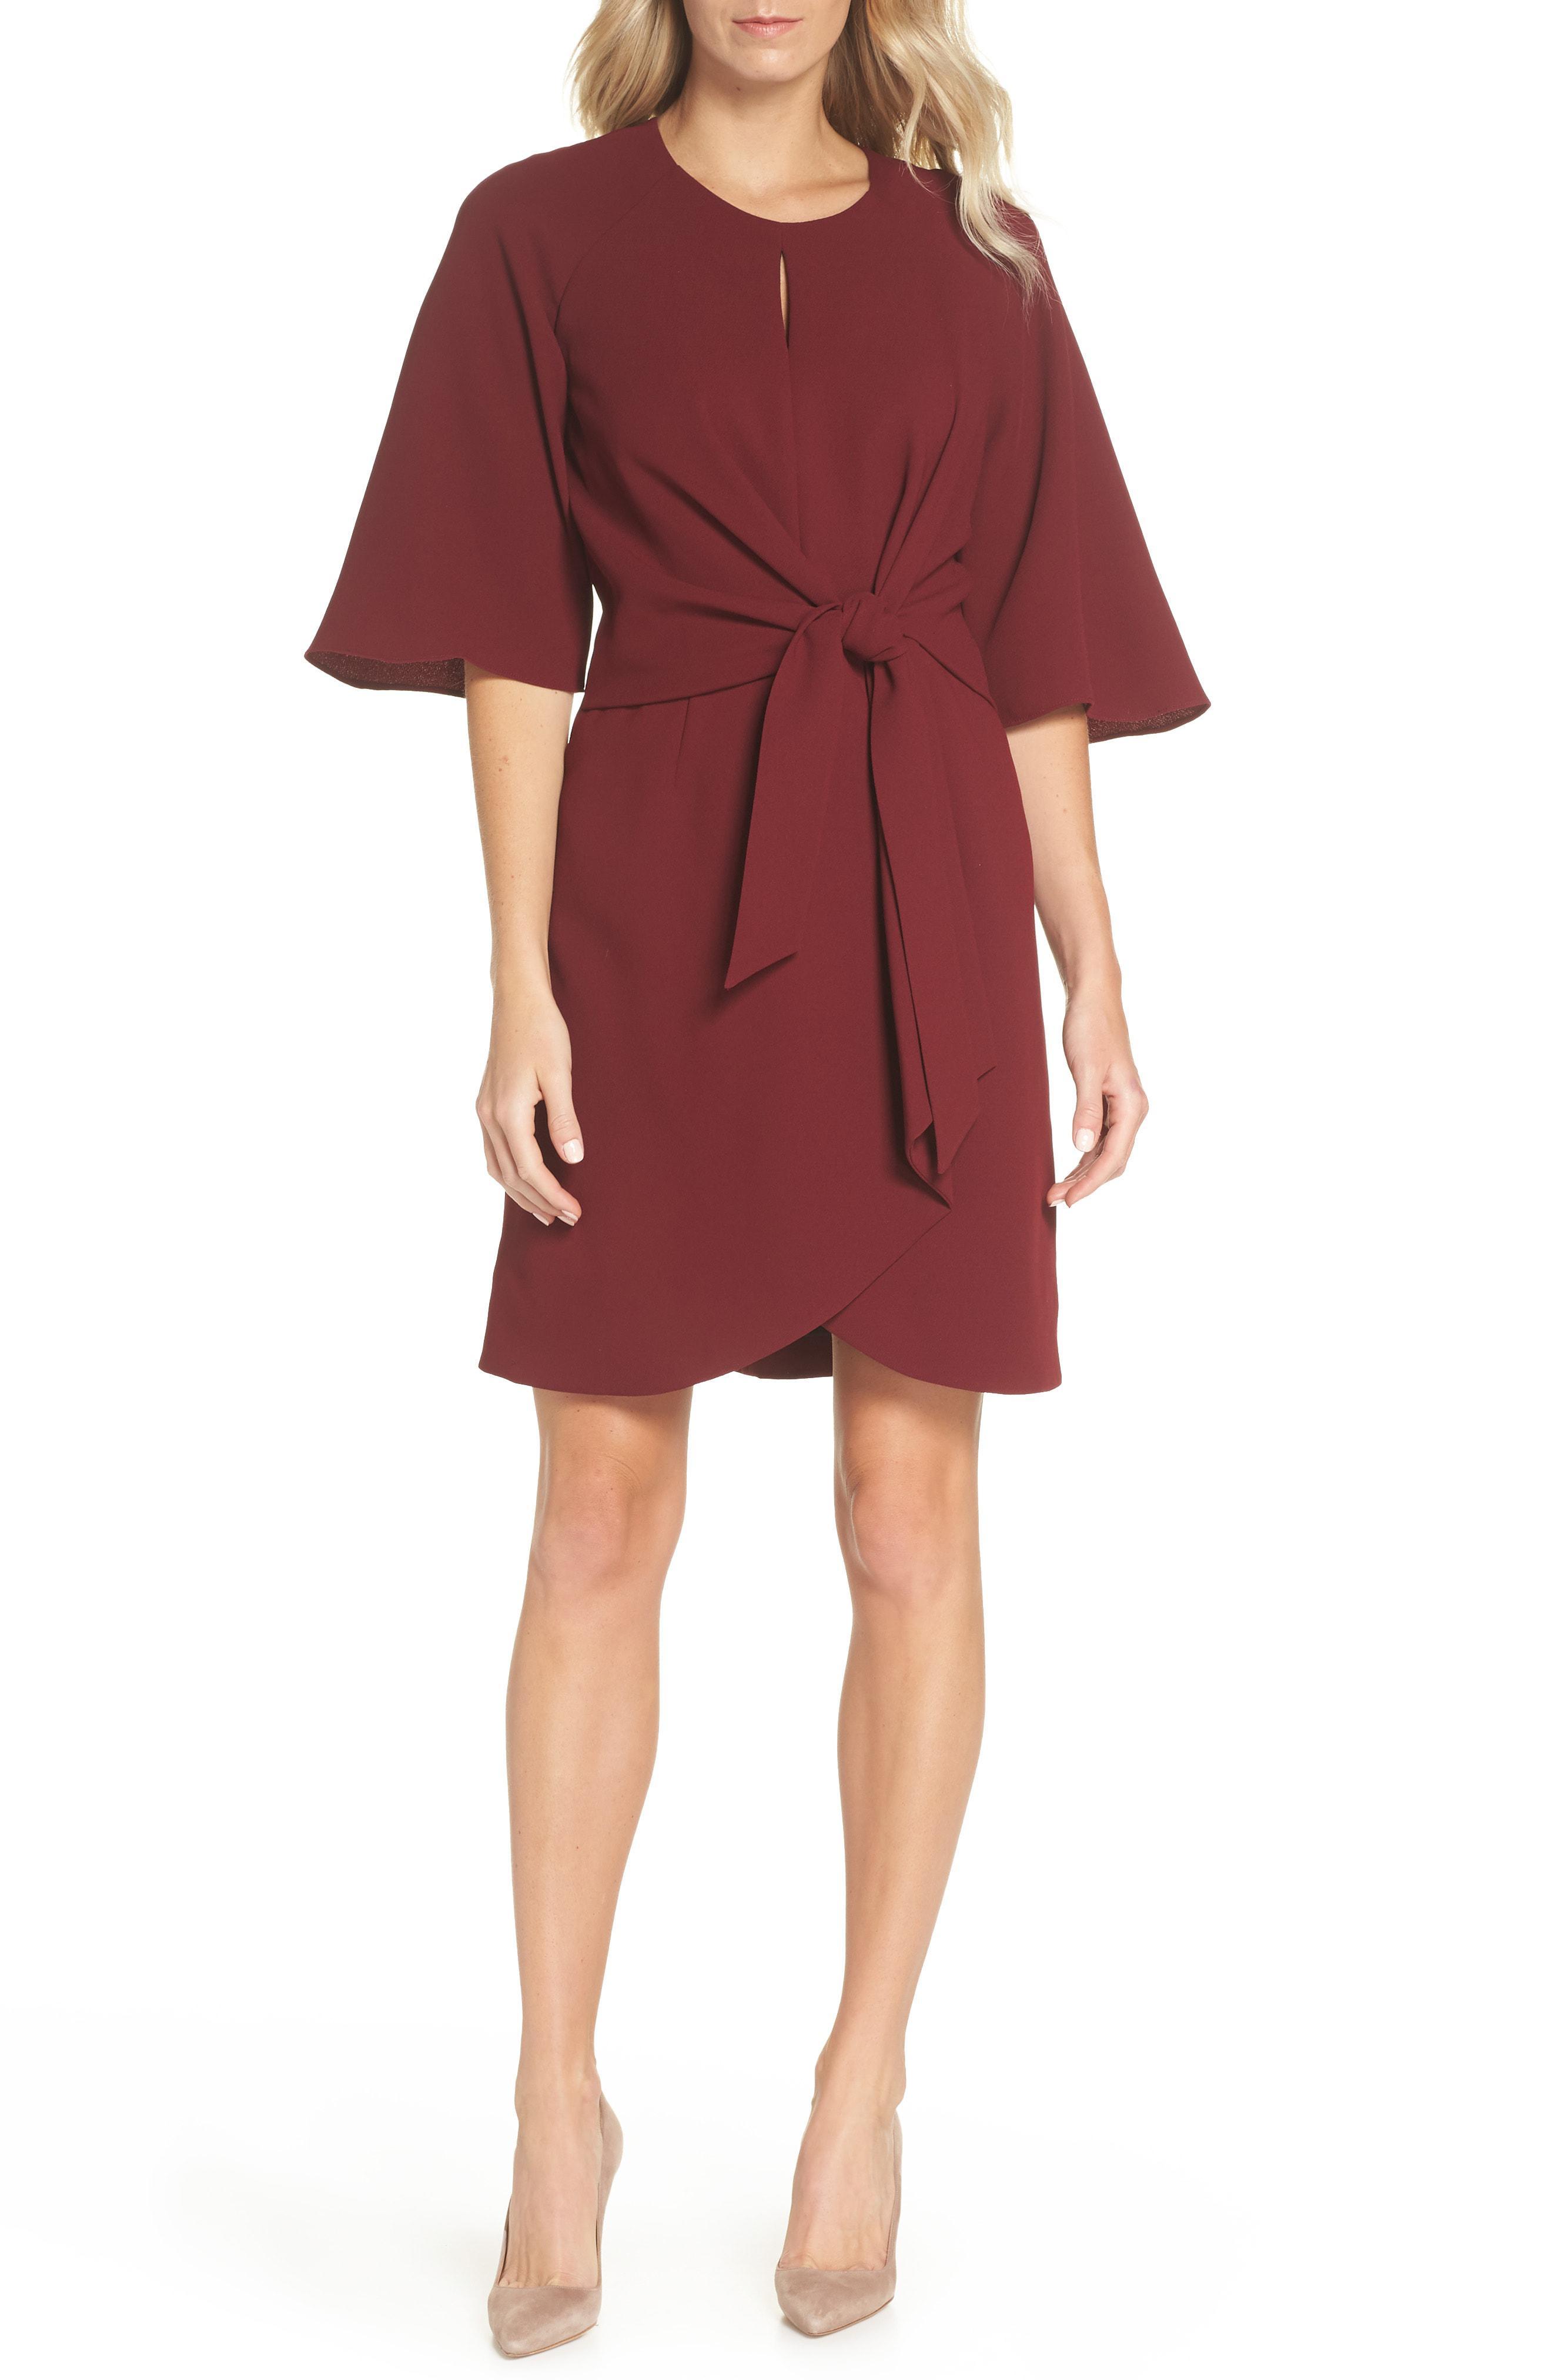 3683cdb2b9ee Lyst - Tahari Tie Front Crepe Dress in Red